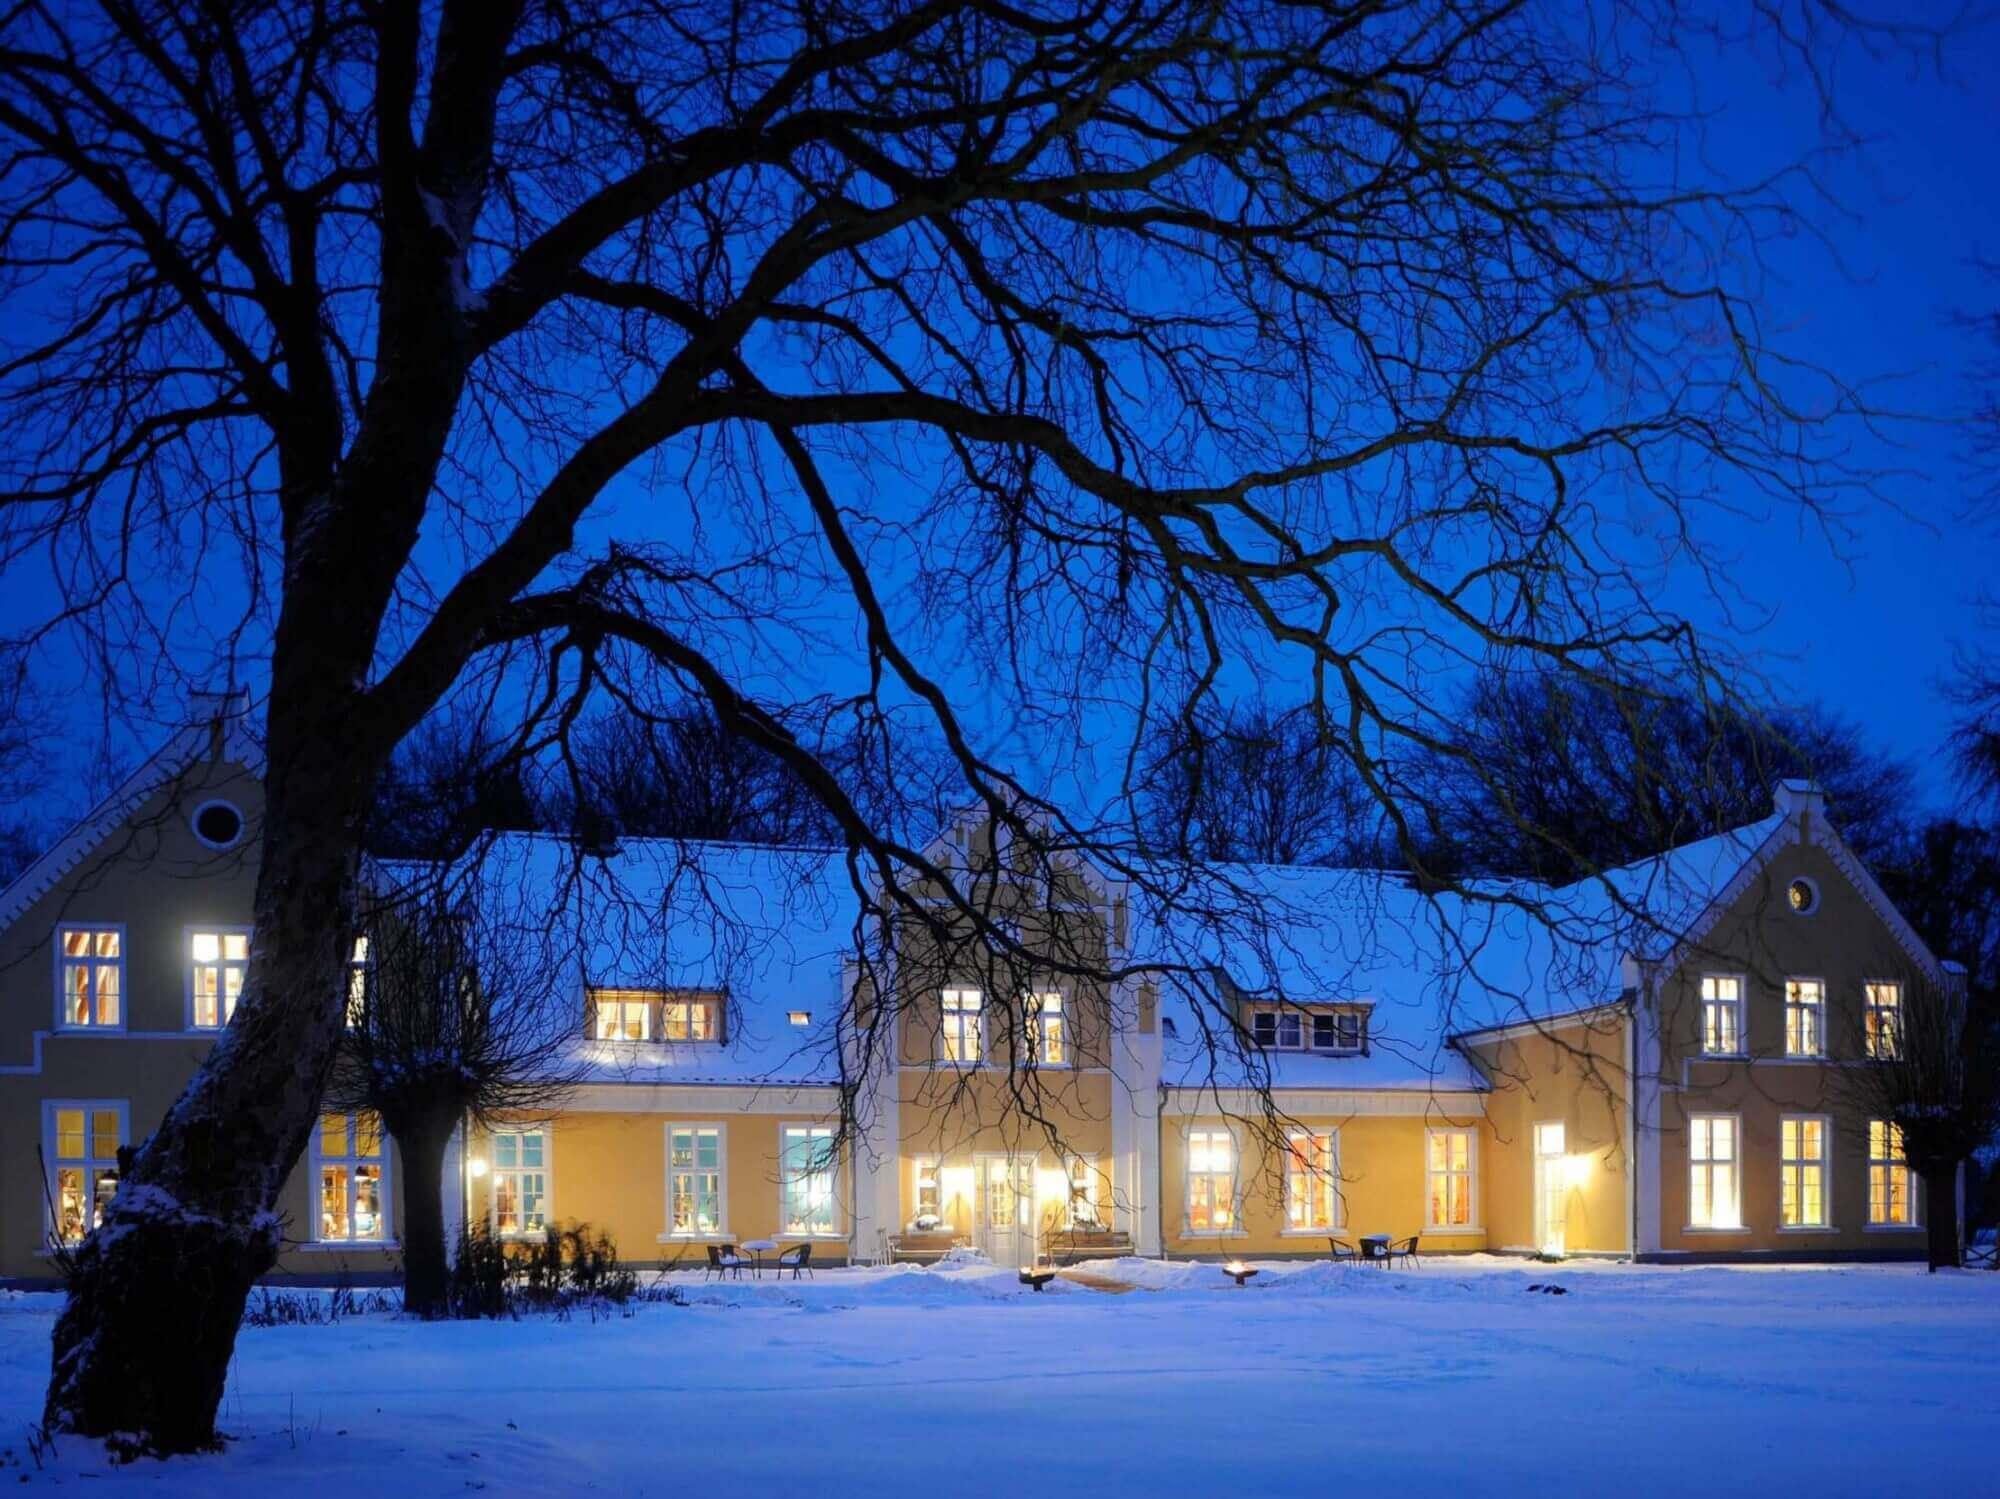 Gutshaus Ehmkendorf in Mecklenburg Vorpommern im Winter - Frontseite